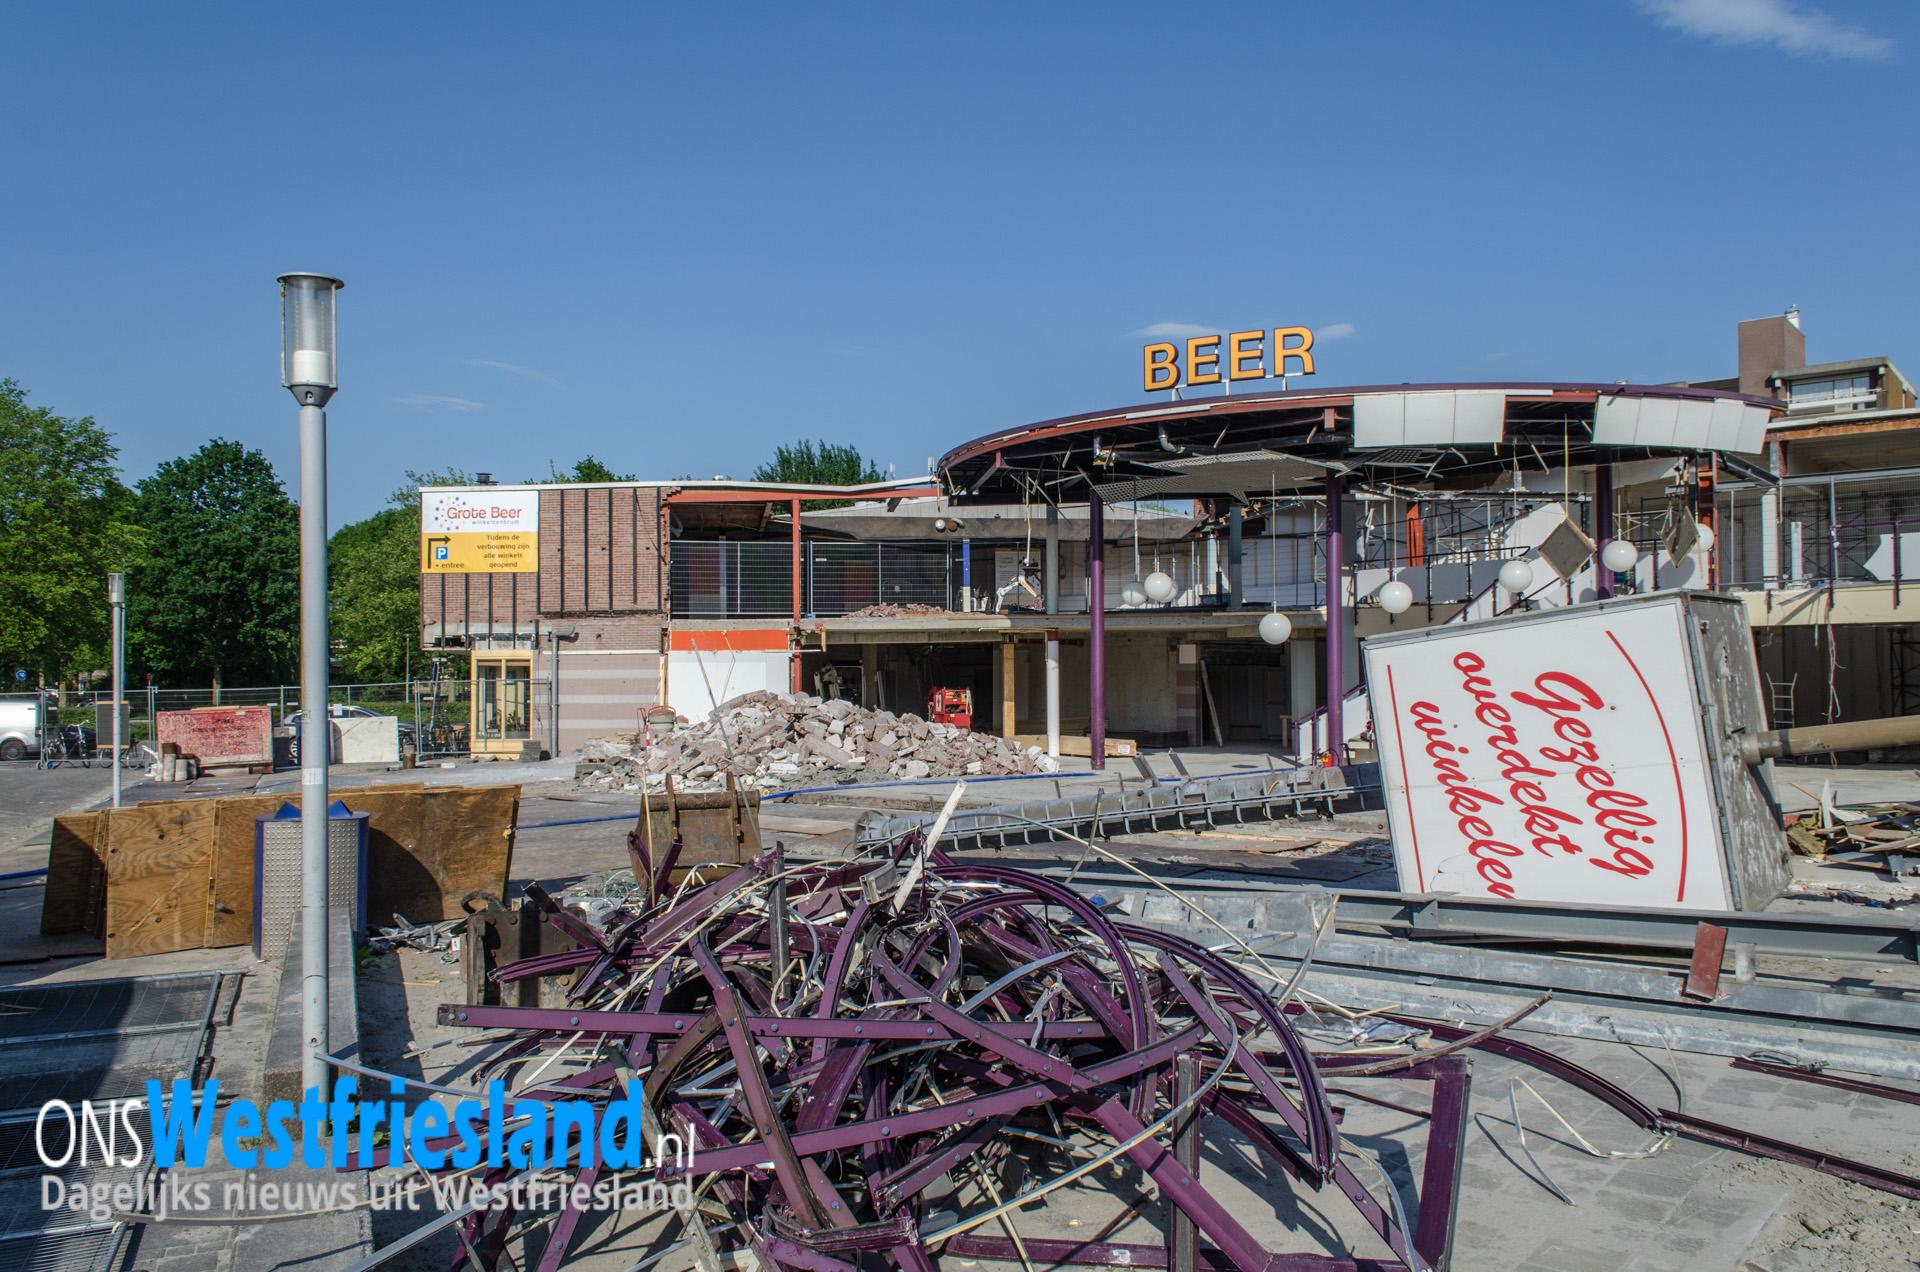 Verbouwing Winkelcentrum Grote Beer in foto's en video's